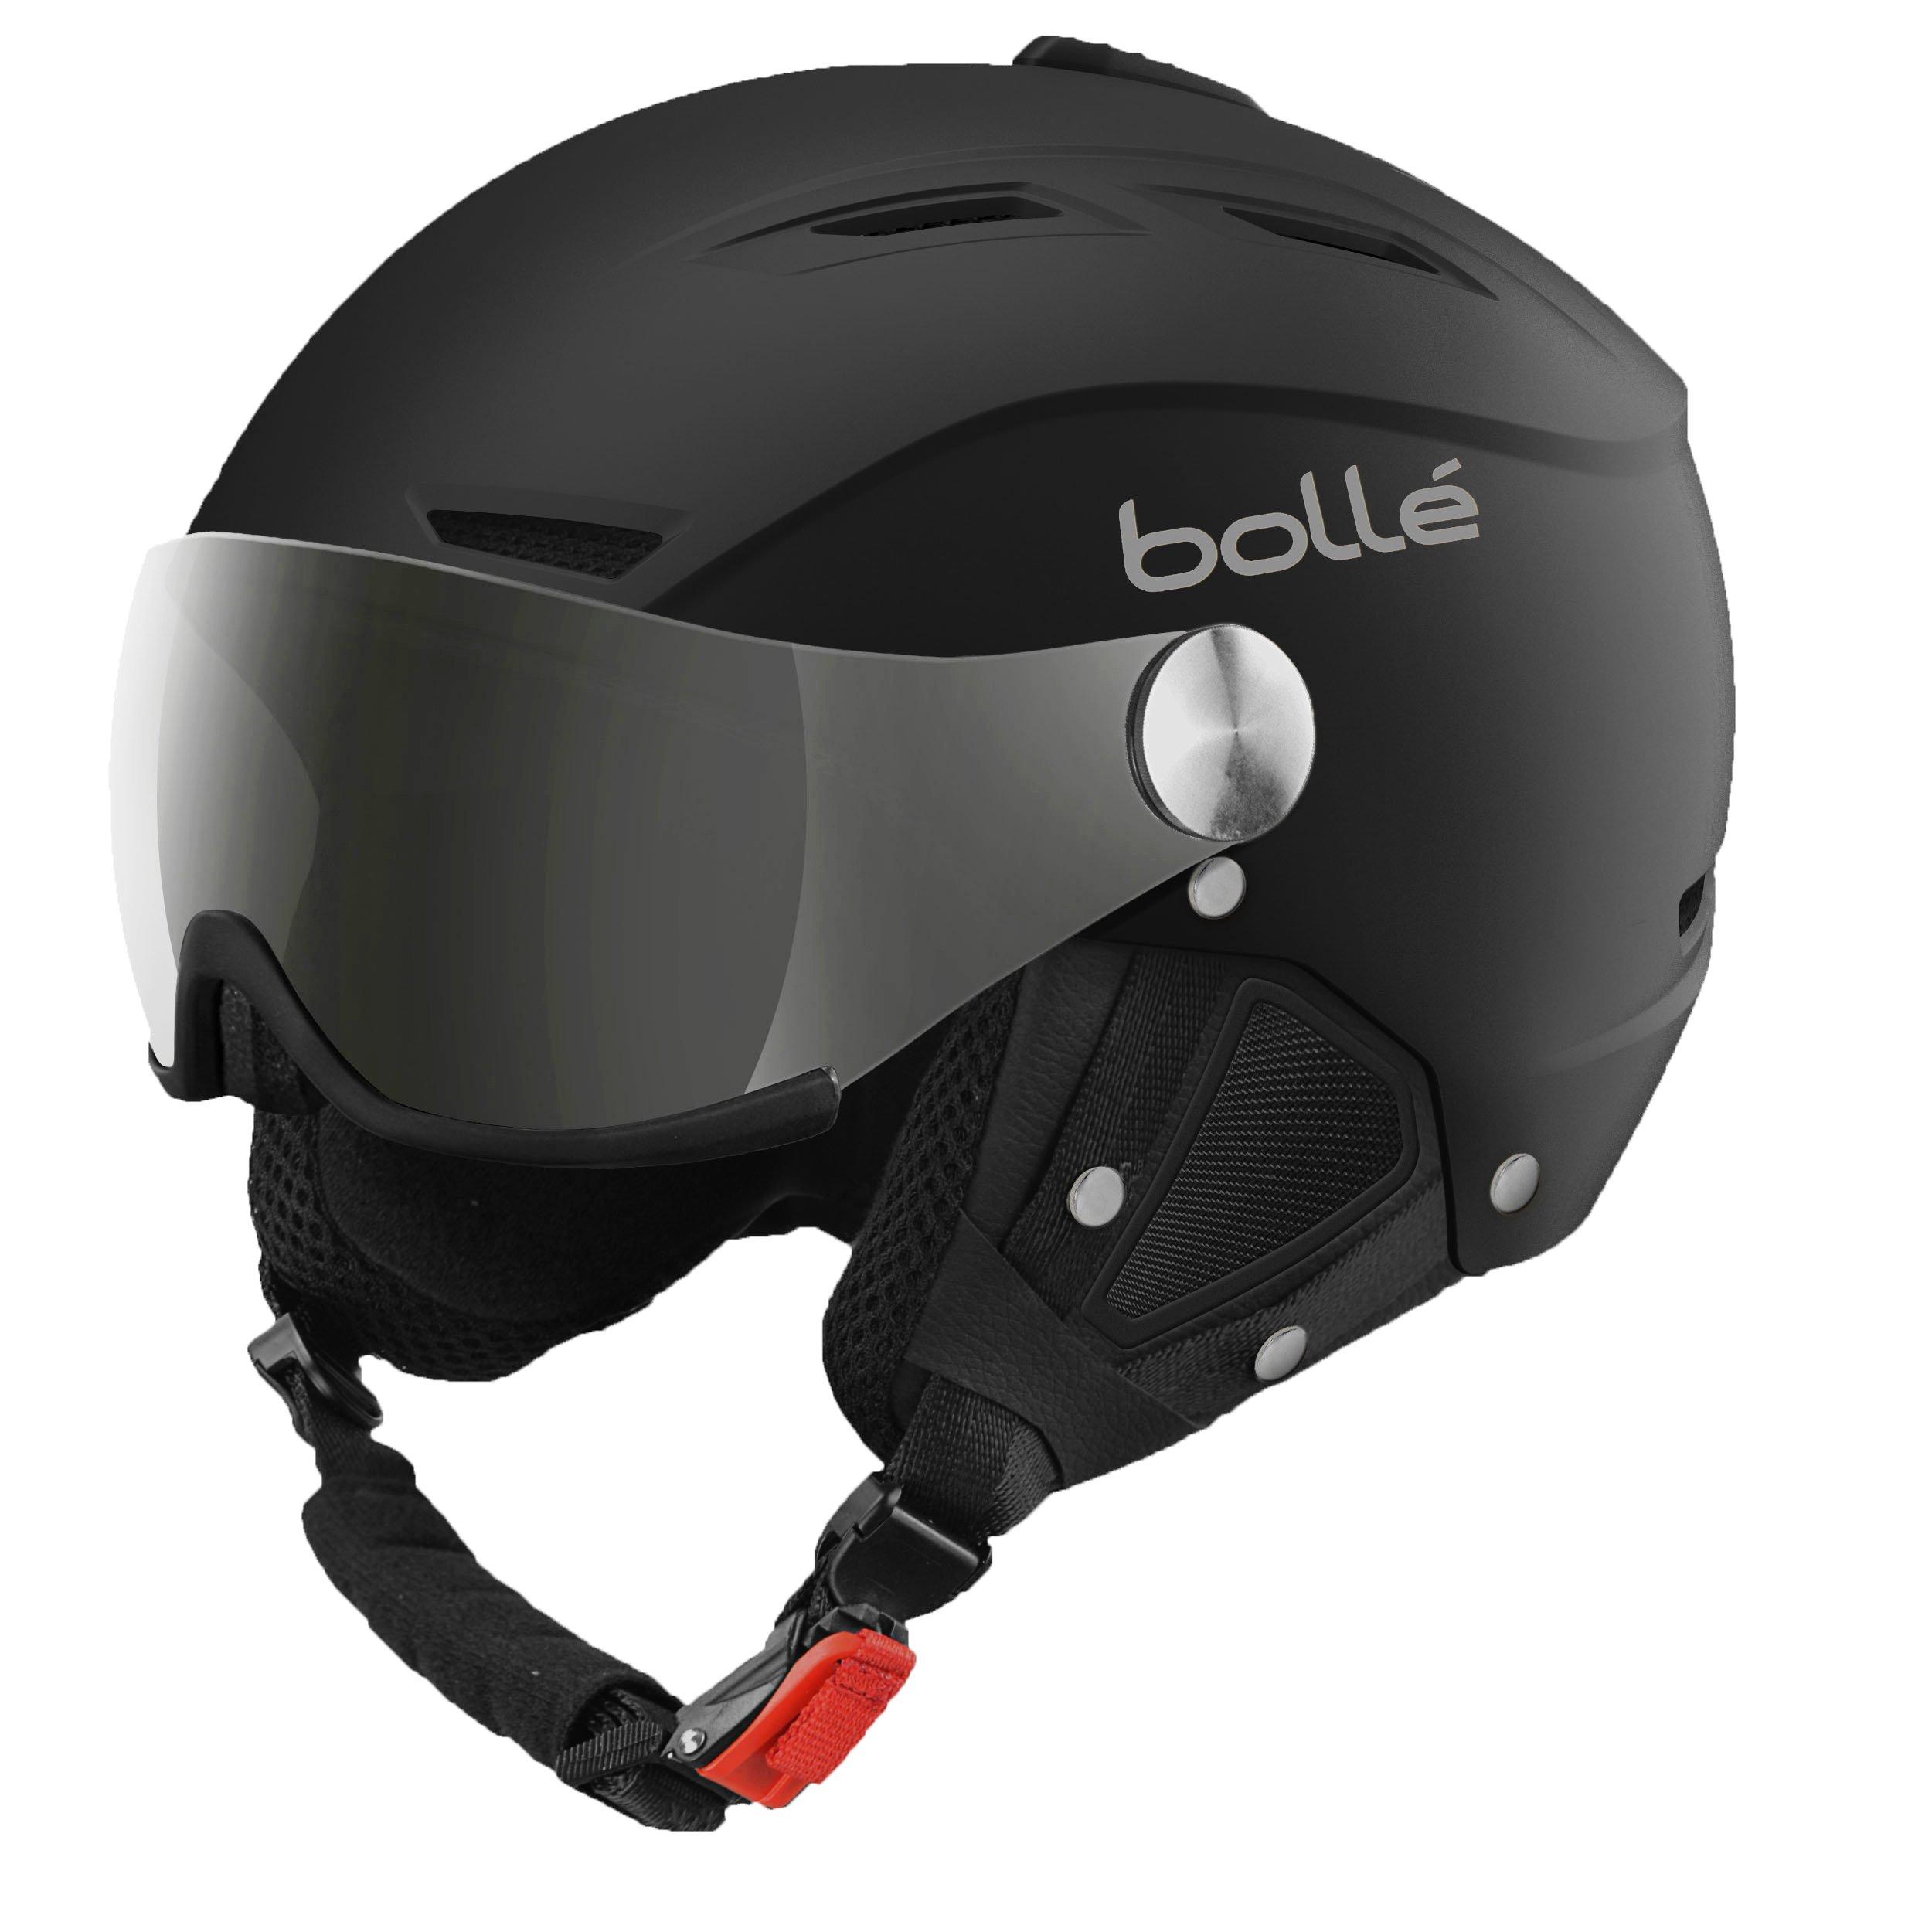 Bollé 31156 - Casco de esquí Backline Negro/Plateado (Soft Black/Silver)